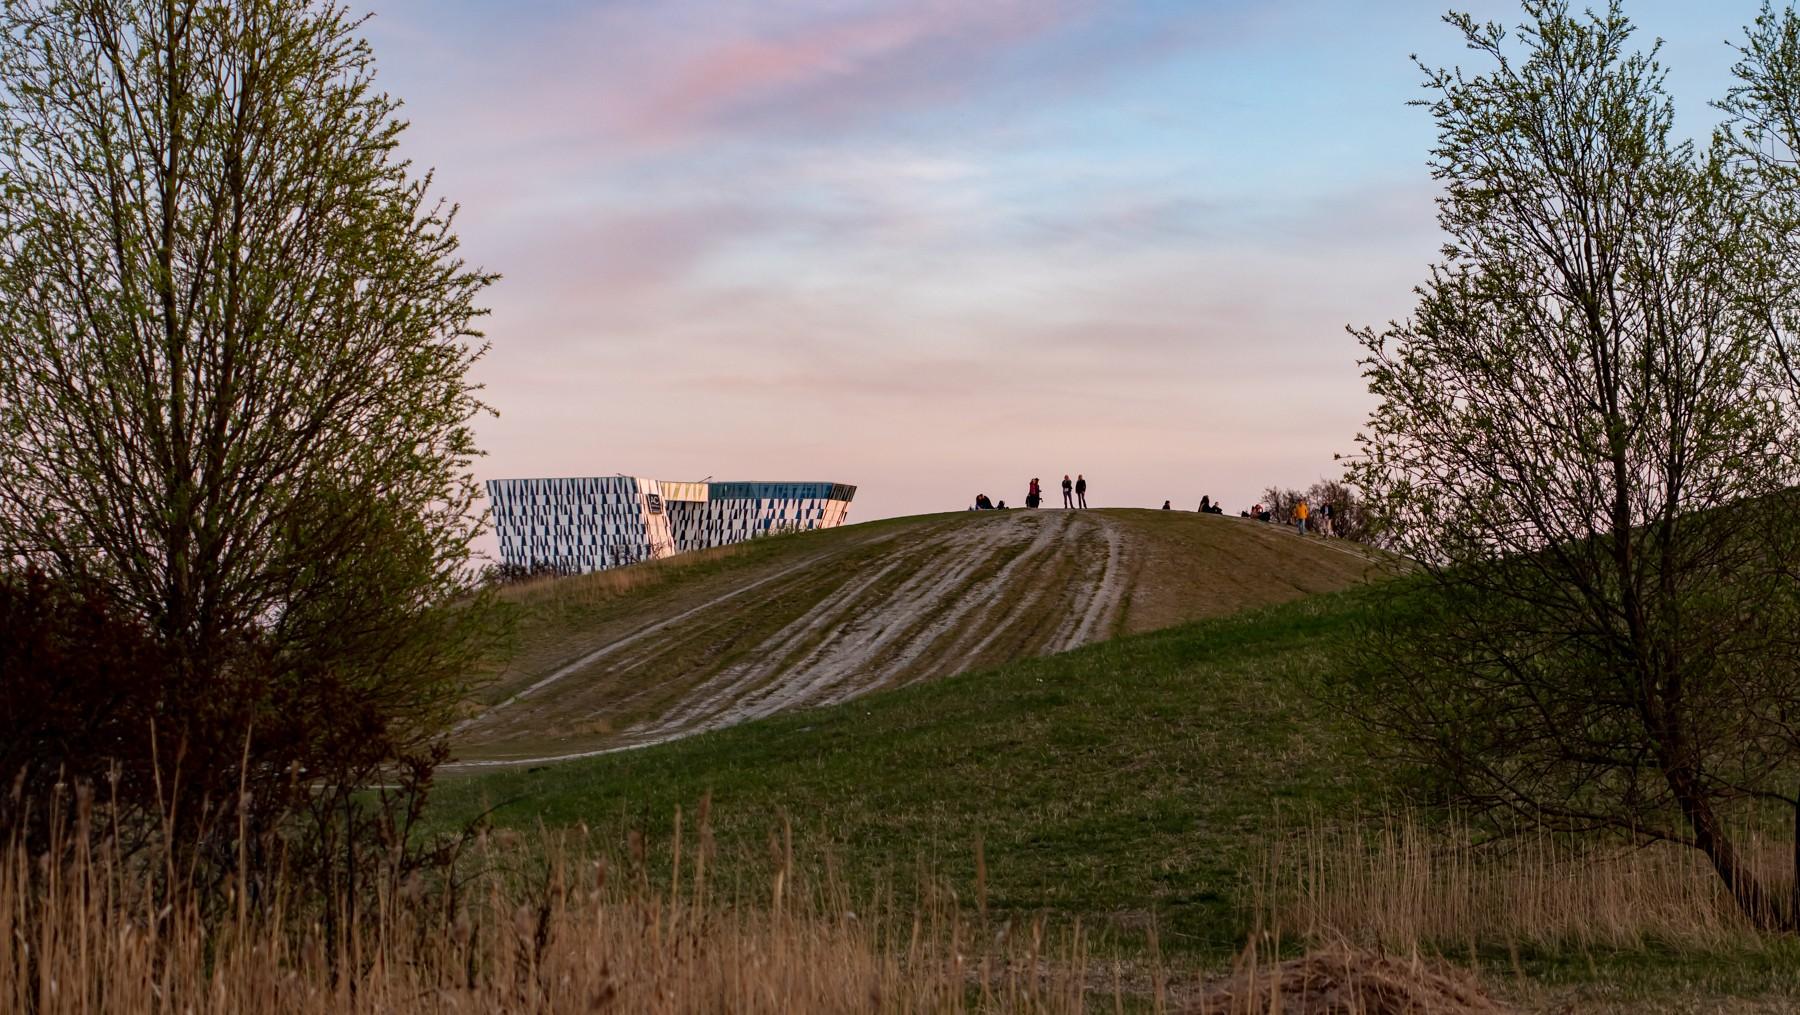 Anamorfisk landskab: Amager Fælled/Ørestad